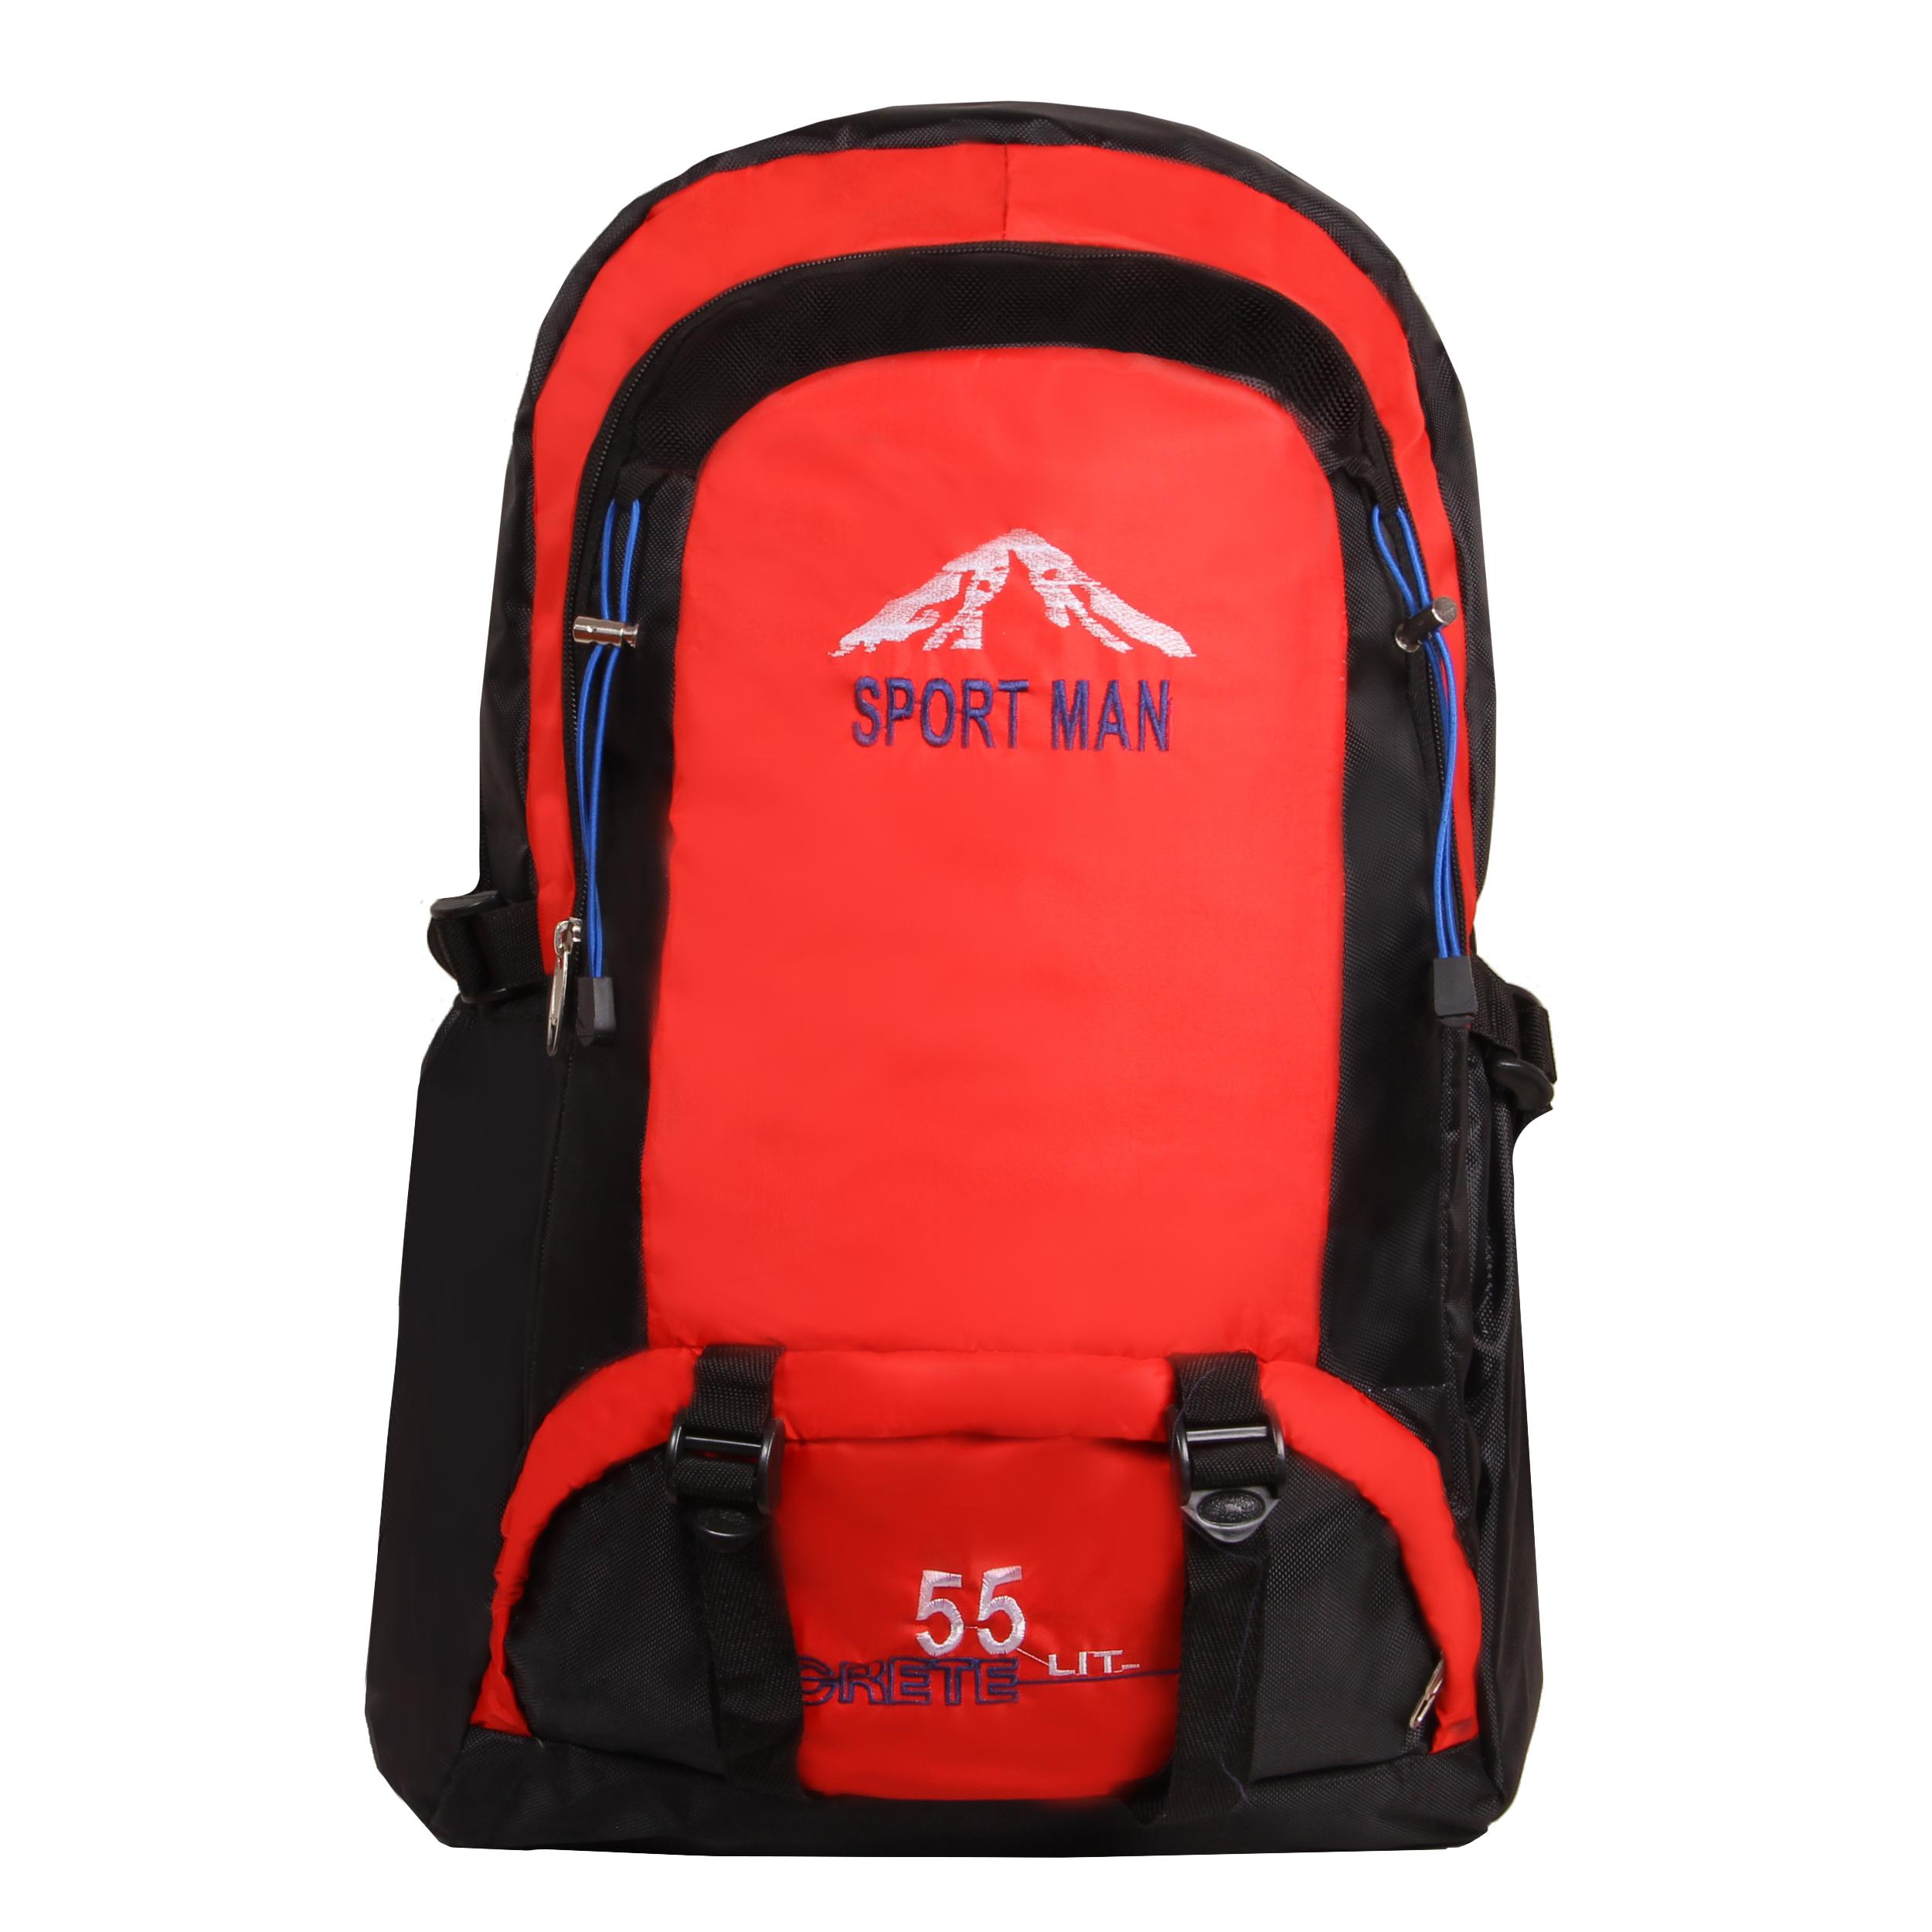 خرید                     کوله پشتی کوهنوردی 55 لیتری اسپرت من کد 6356